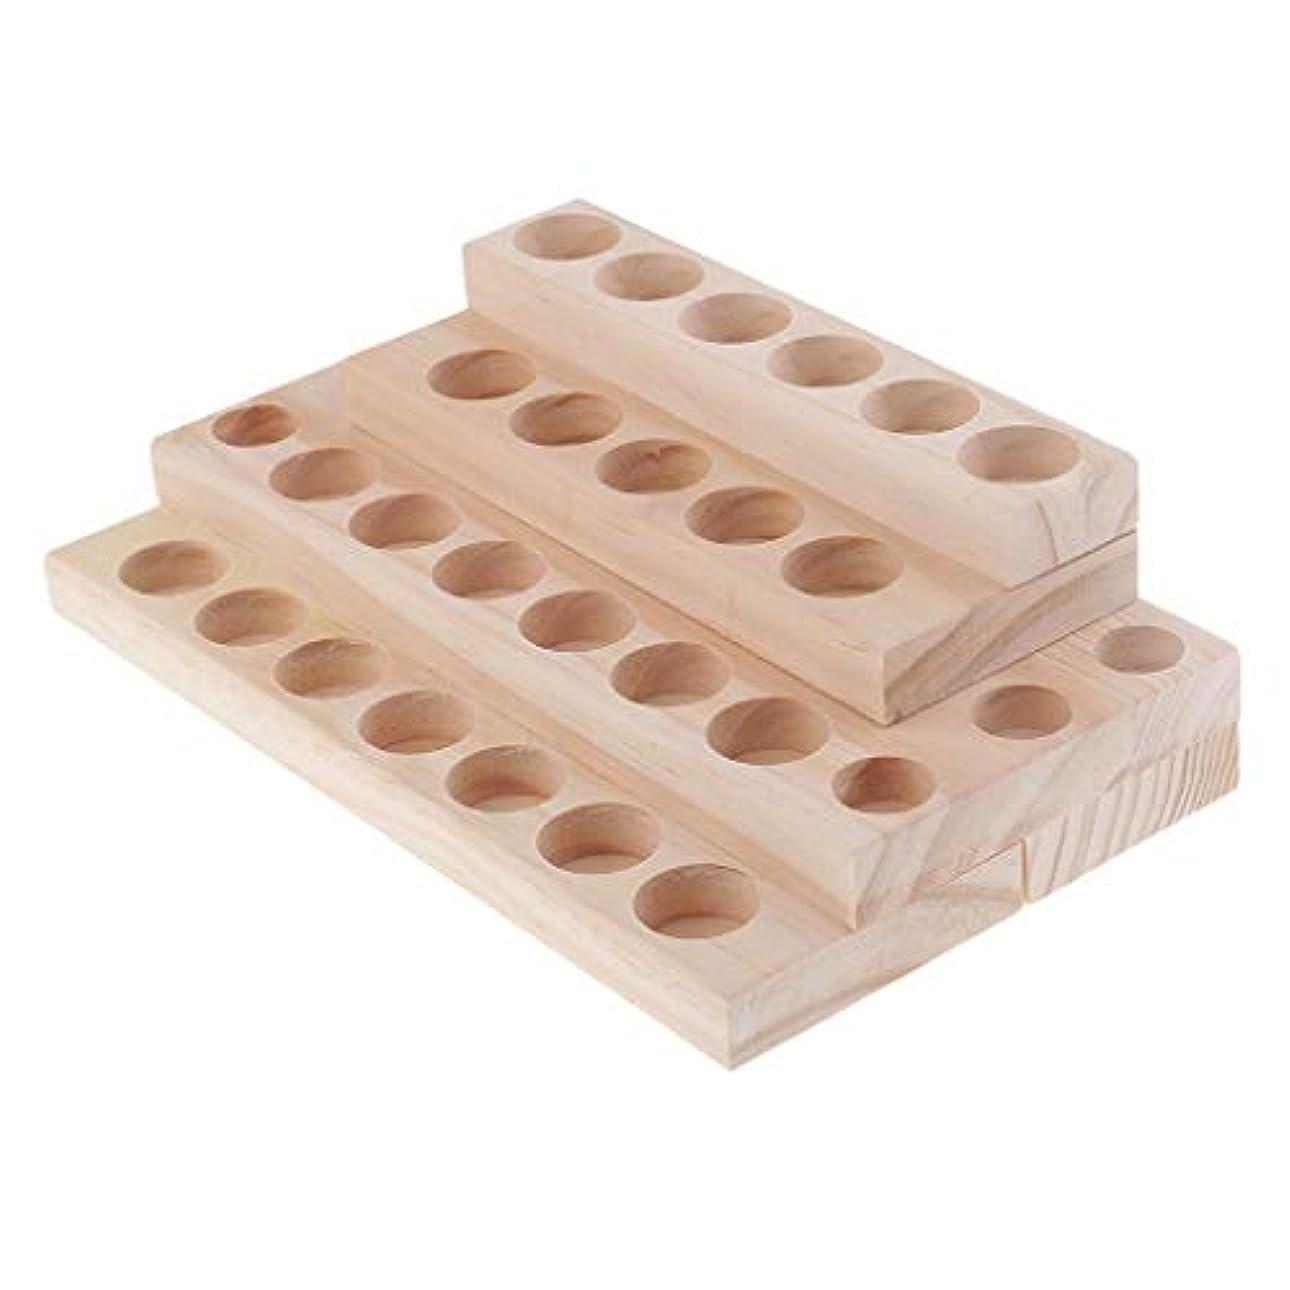 ぼんやりした時系列パースブラックボロウD DOLITY 木製 エッセンシャルオイル 展示ラック 精油 オルガナイザー 陳列台 収納用品 4層